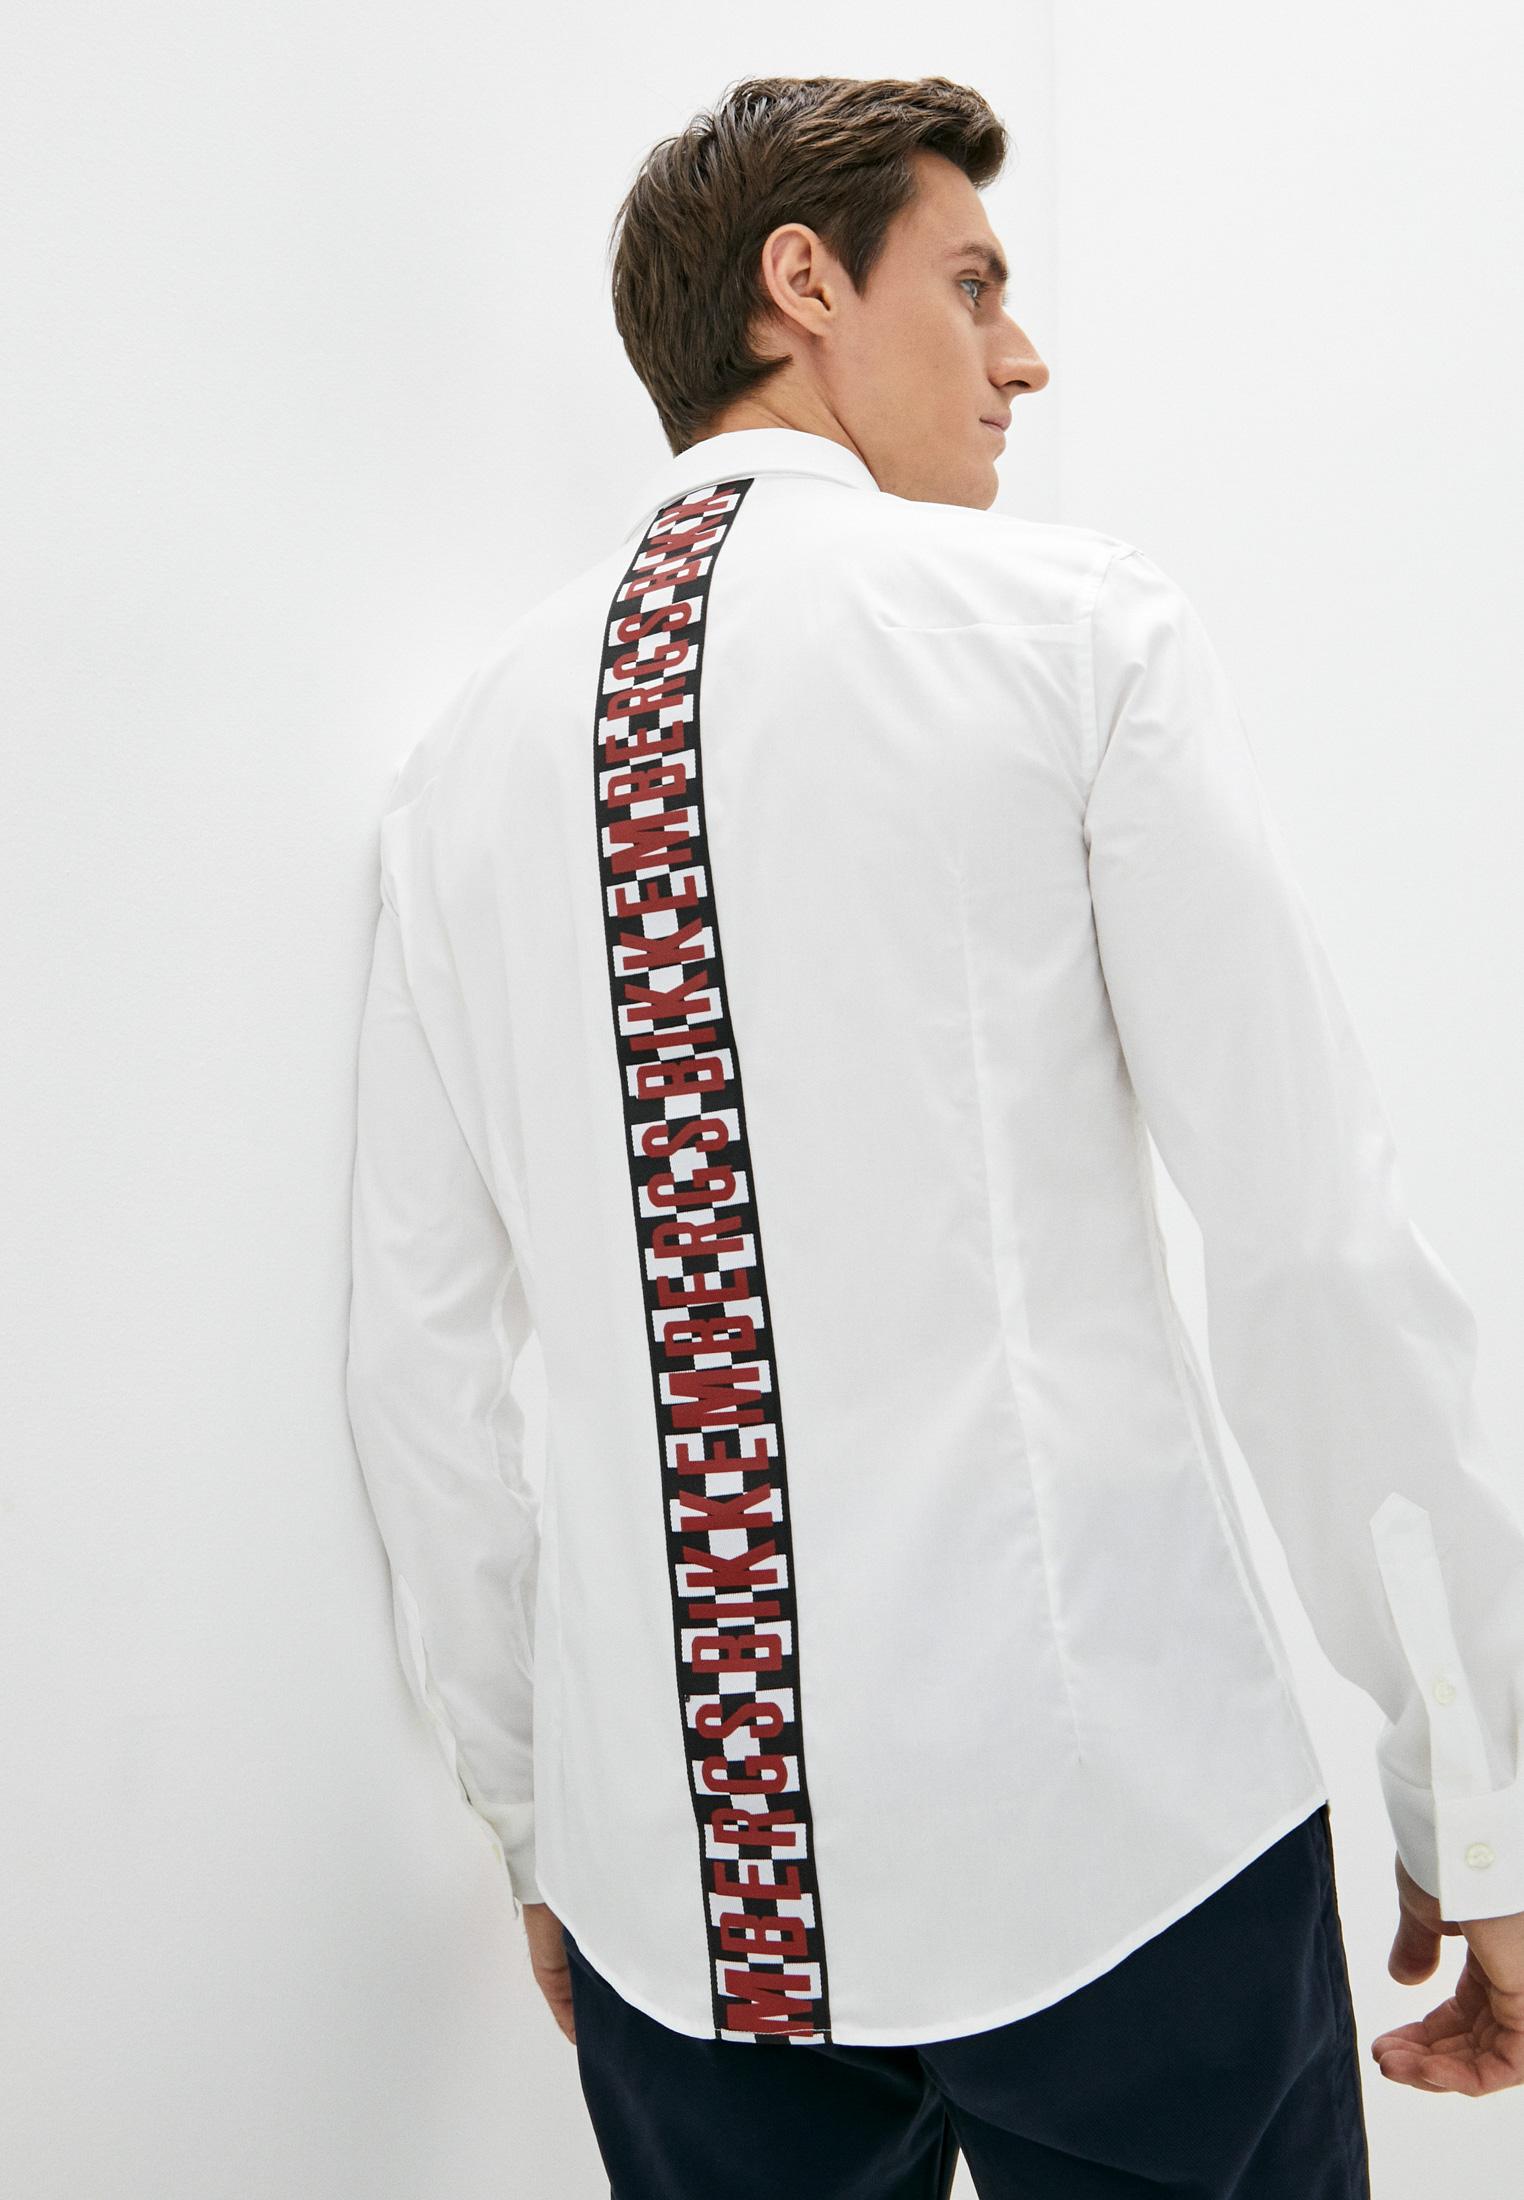 Рубашка с длинным рукавом Bikkembergs (Биккембергс) C C 053 04 S 2931